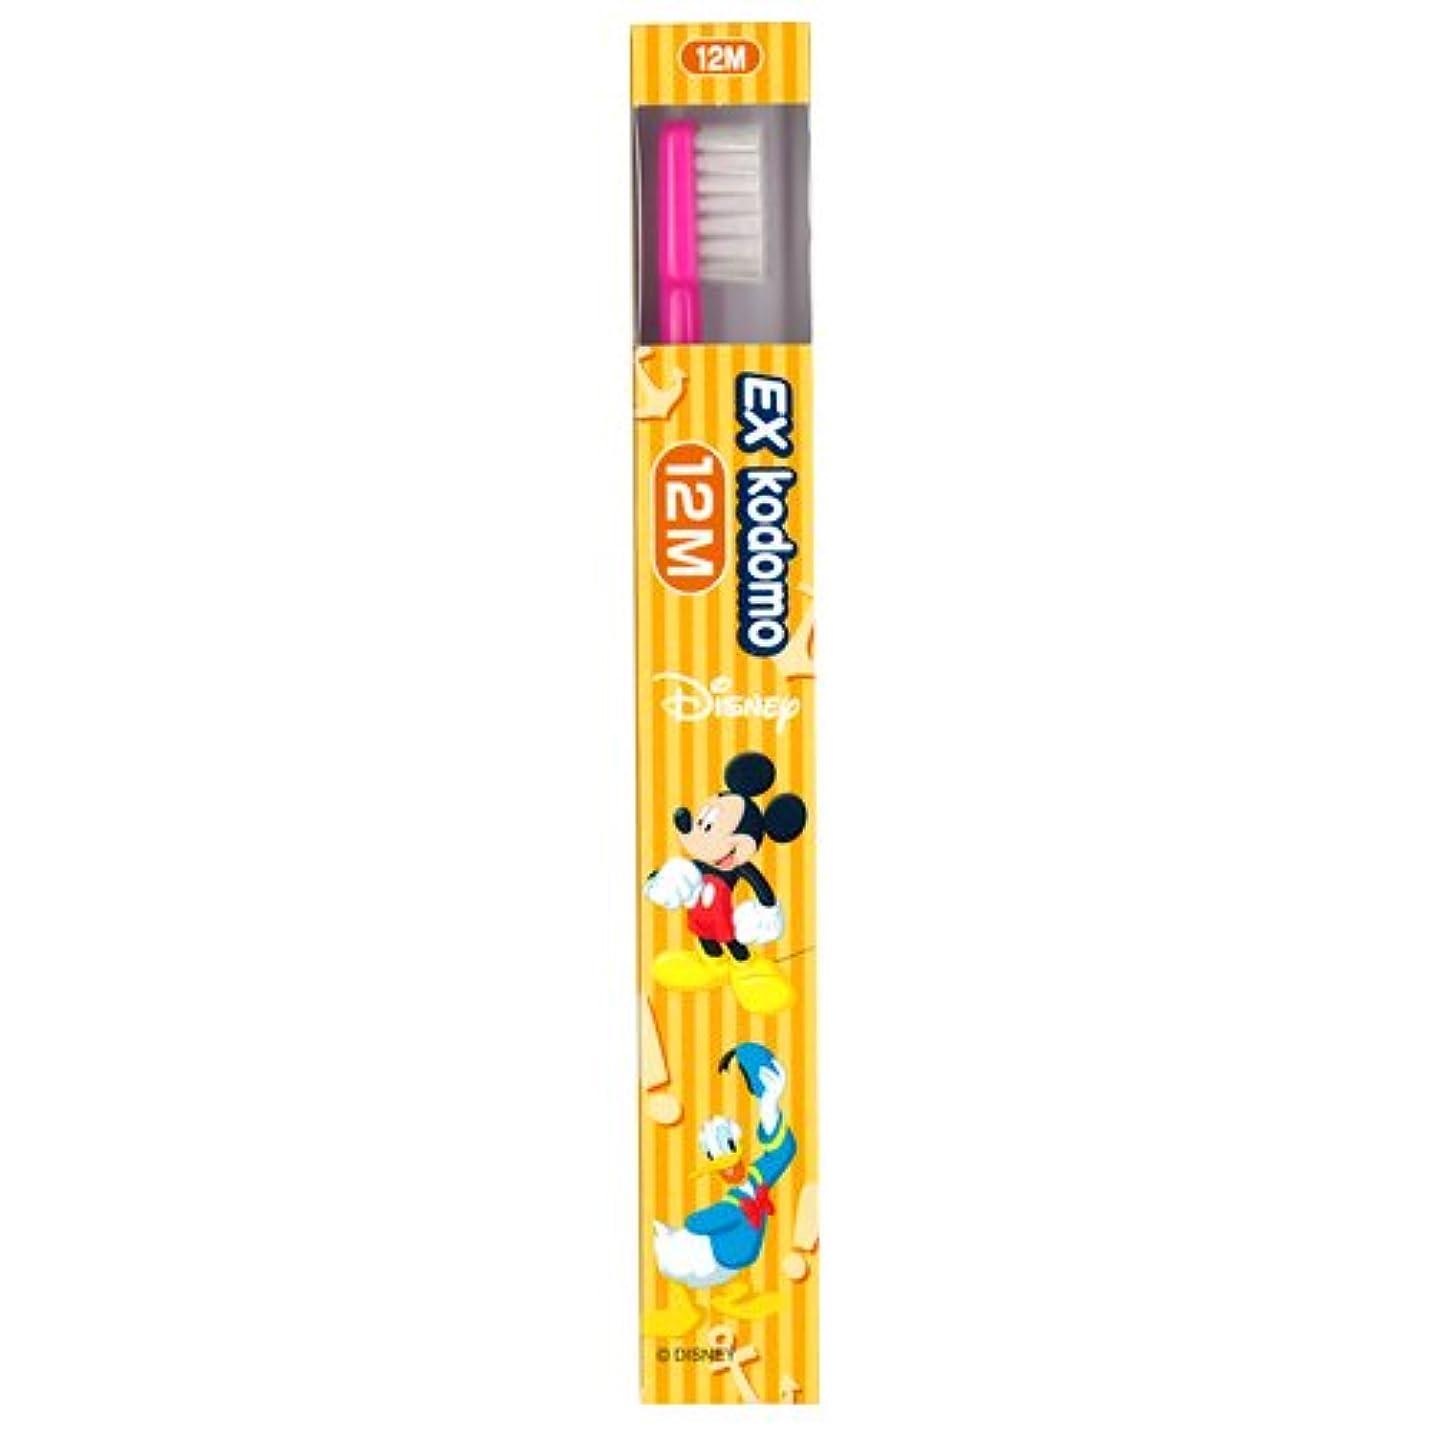 編集する名義で排泄するライオン EX kodomo ディズニー 歯ブラシ 1本 12M ピンク